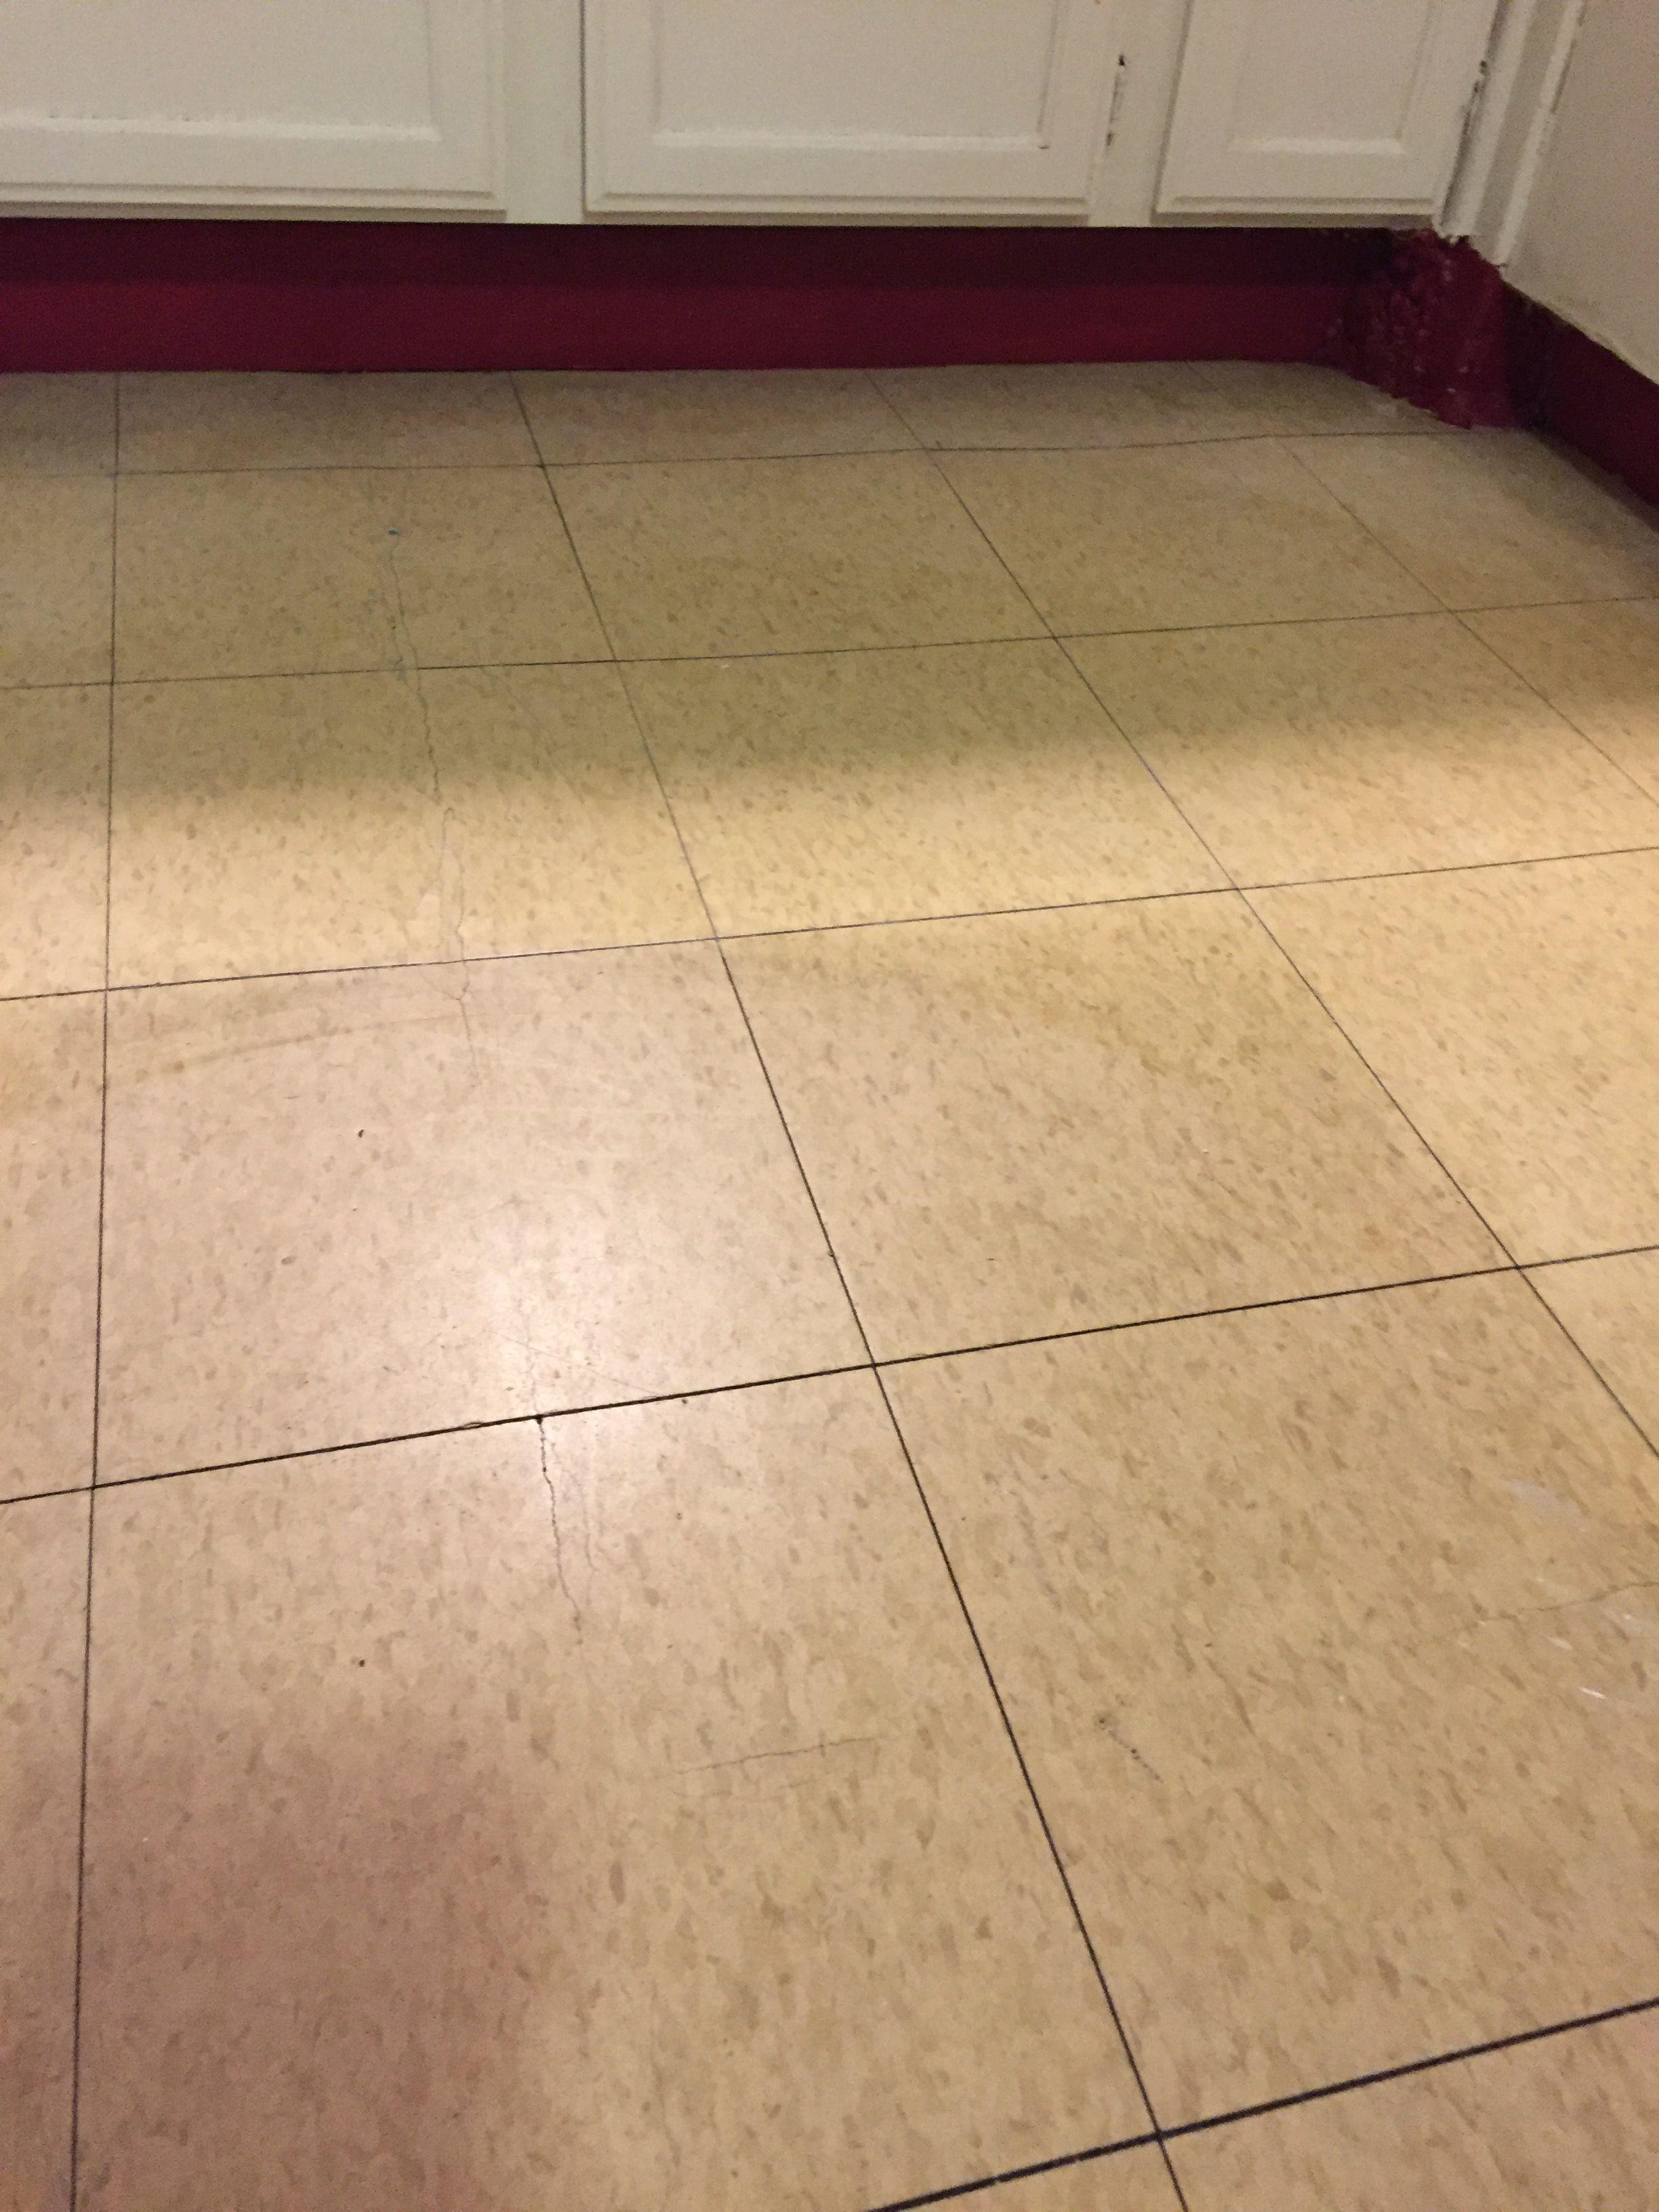 deep clean floor cleaning tile floors